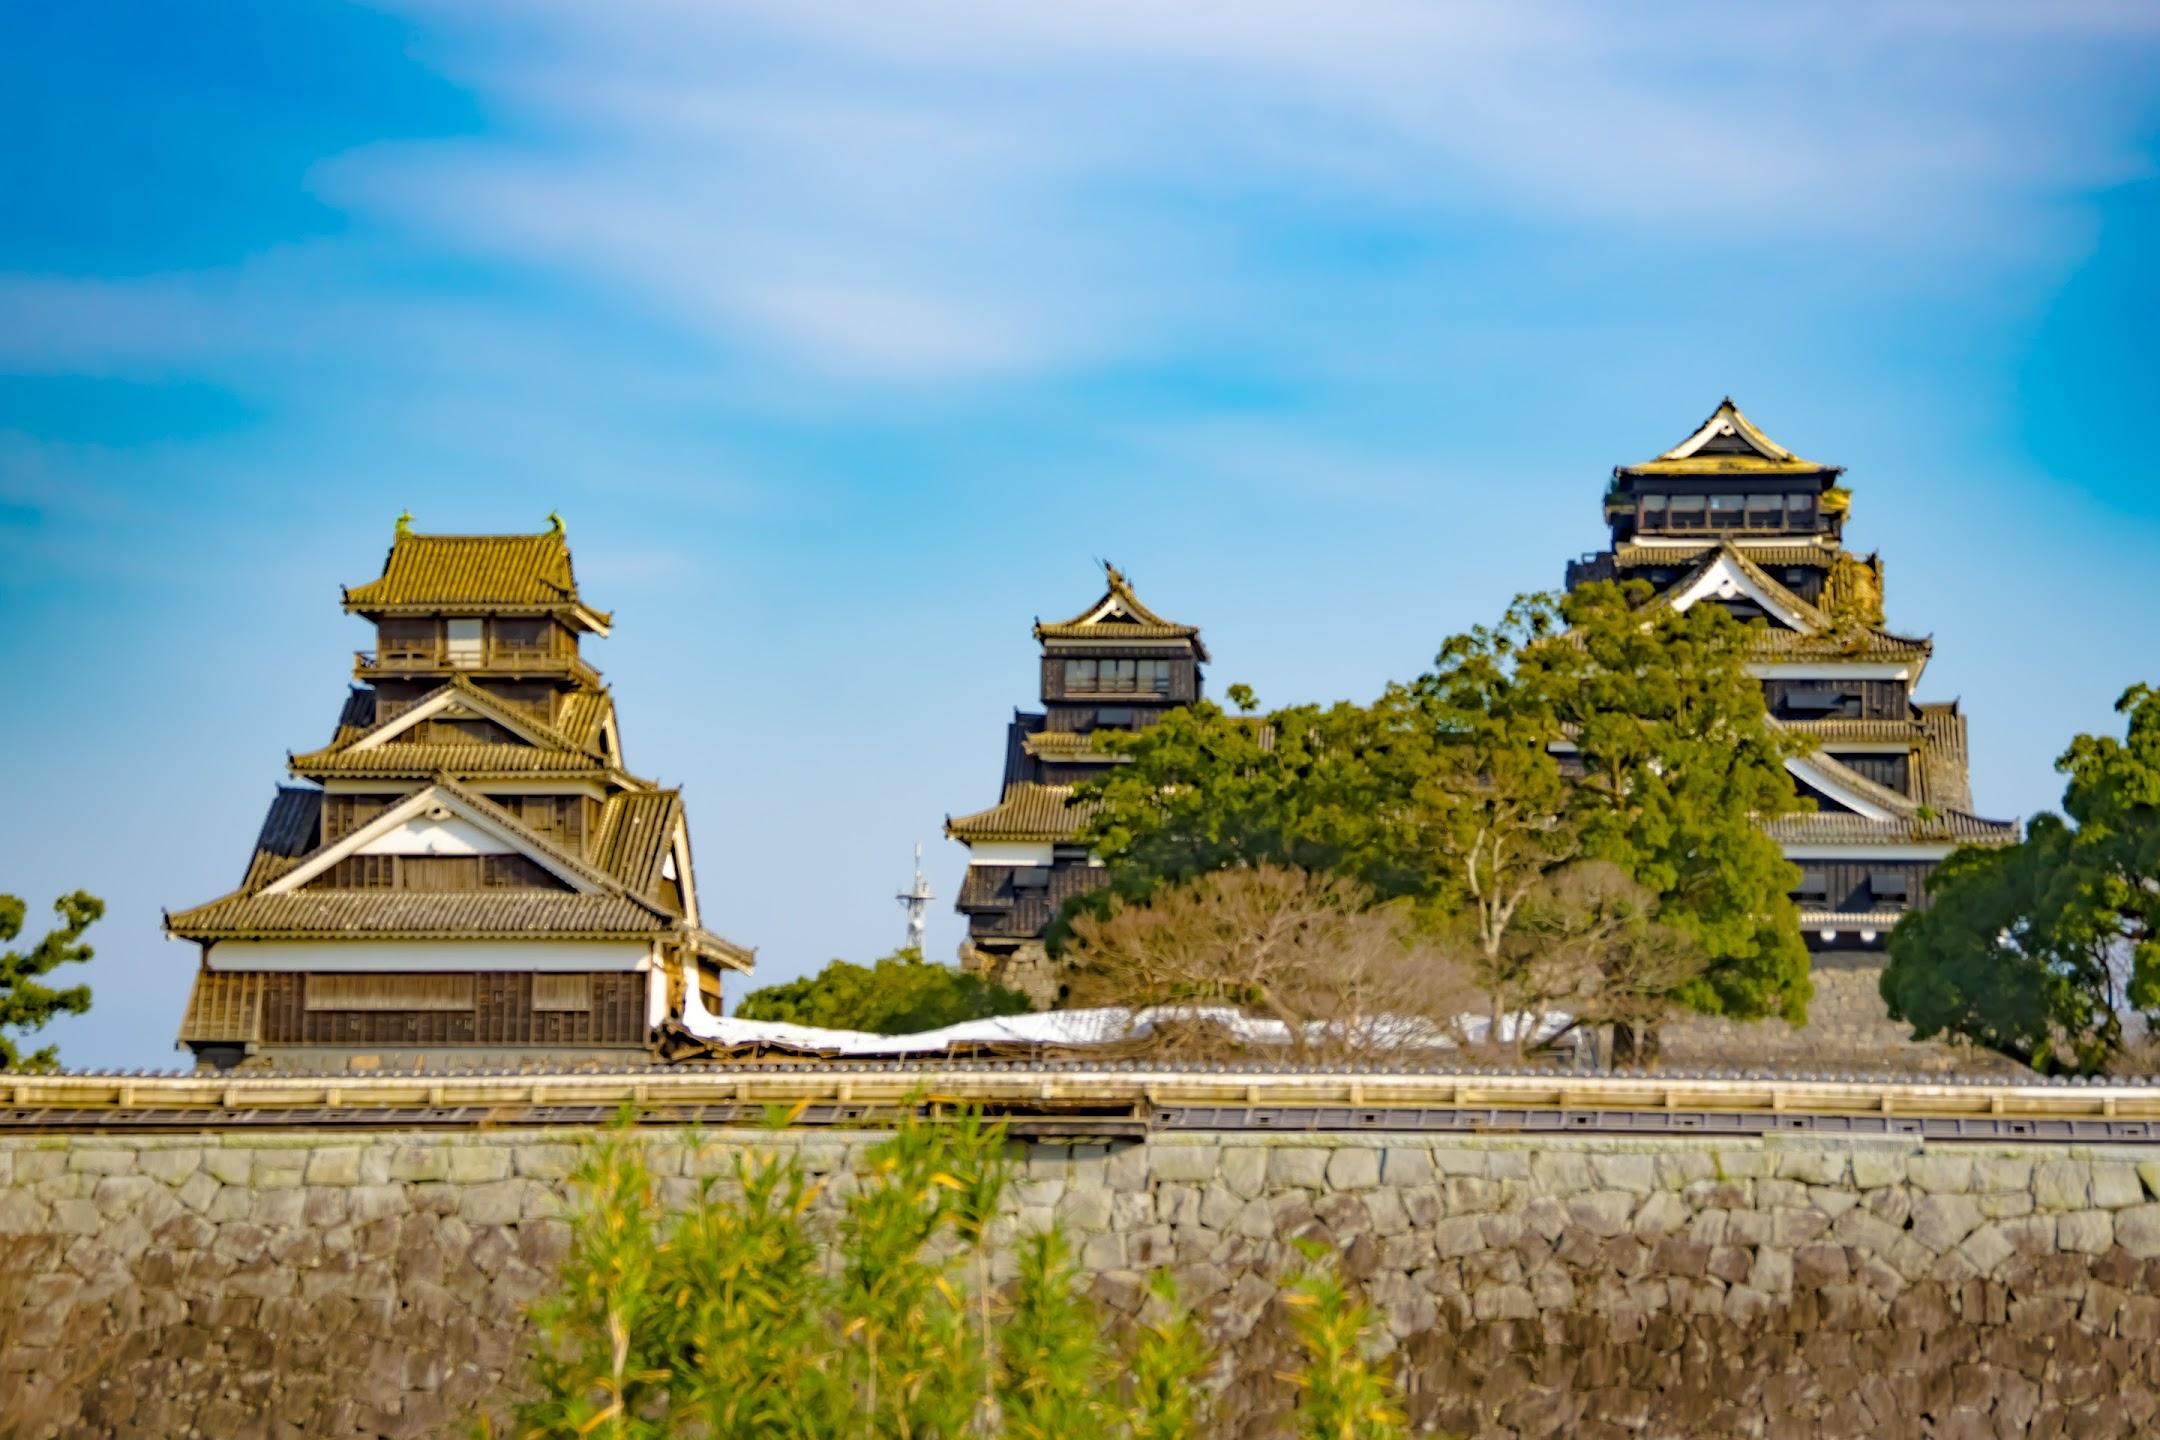 熊本城 二の丸広場 天守1